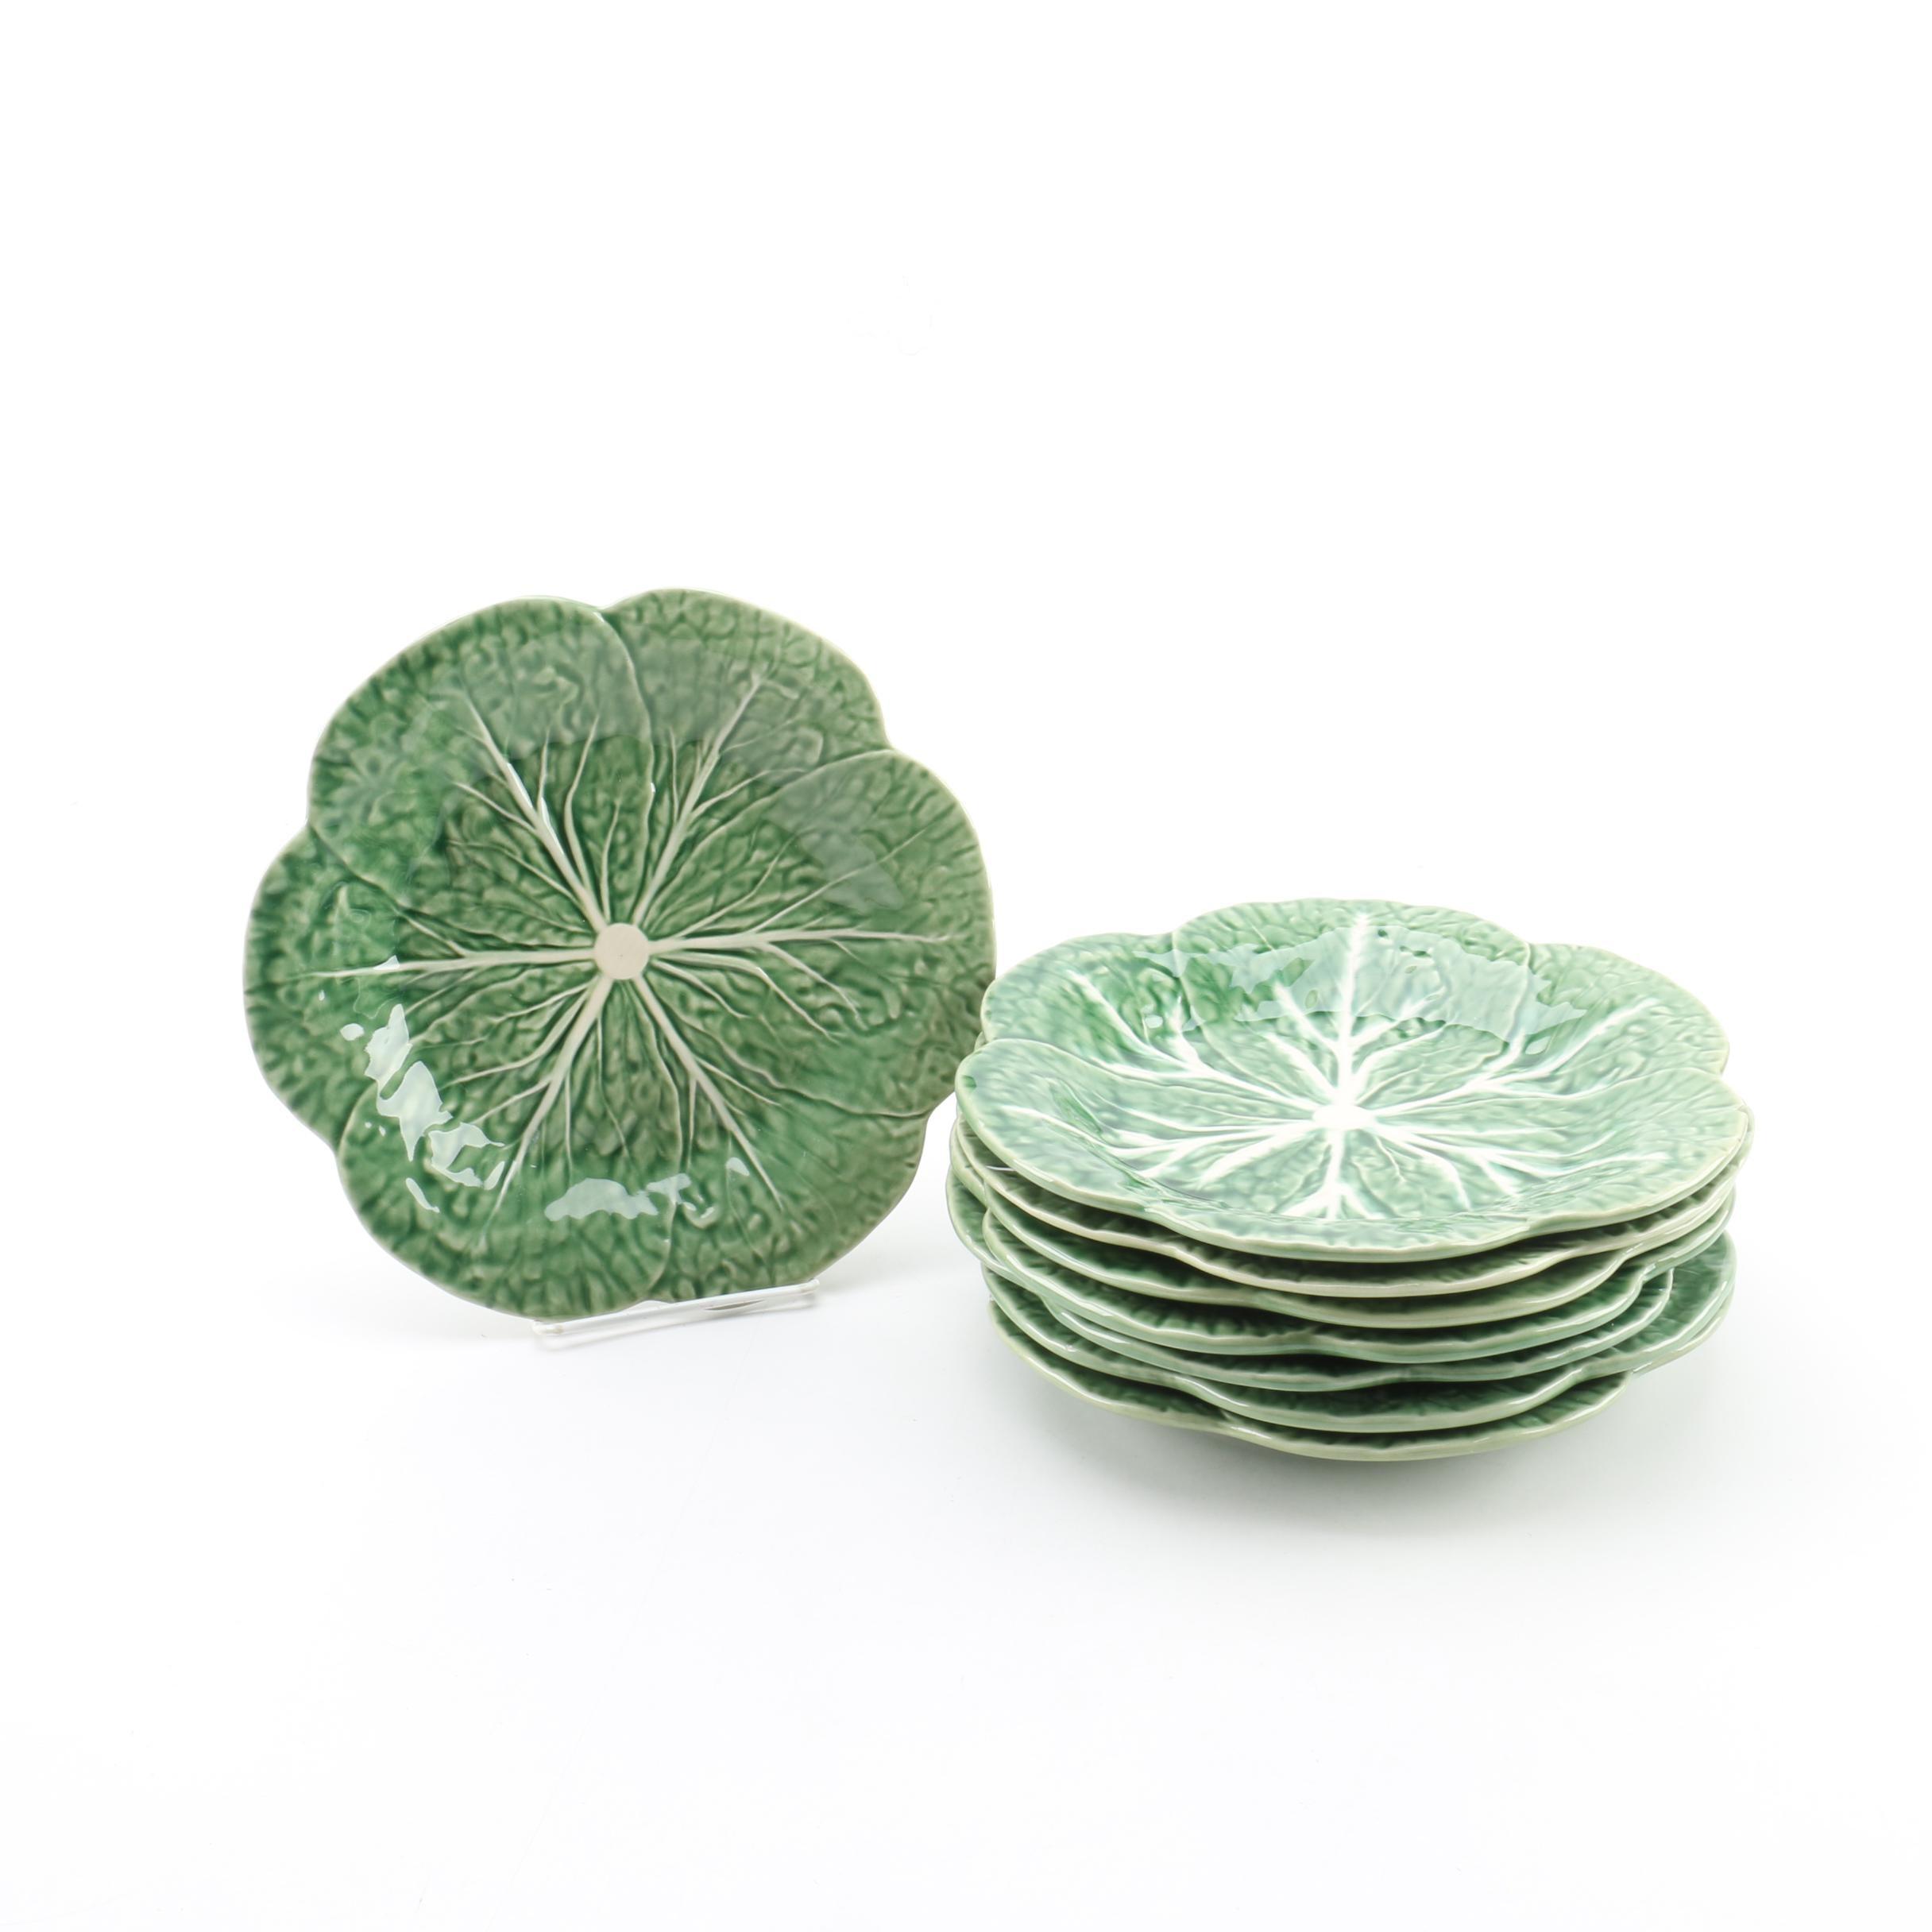 Sur La Table Portuguese Majolica Style Plates